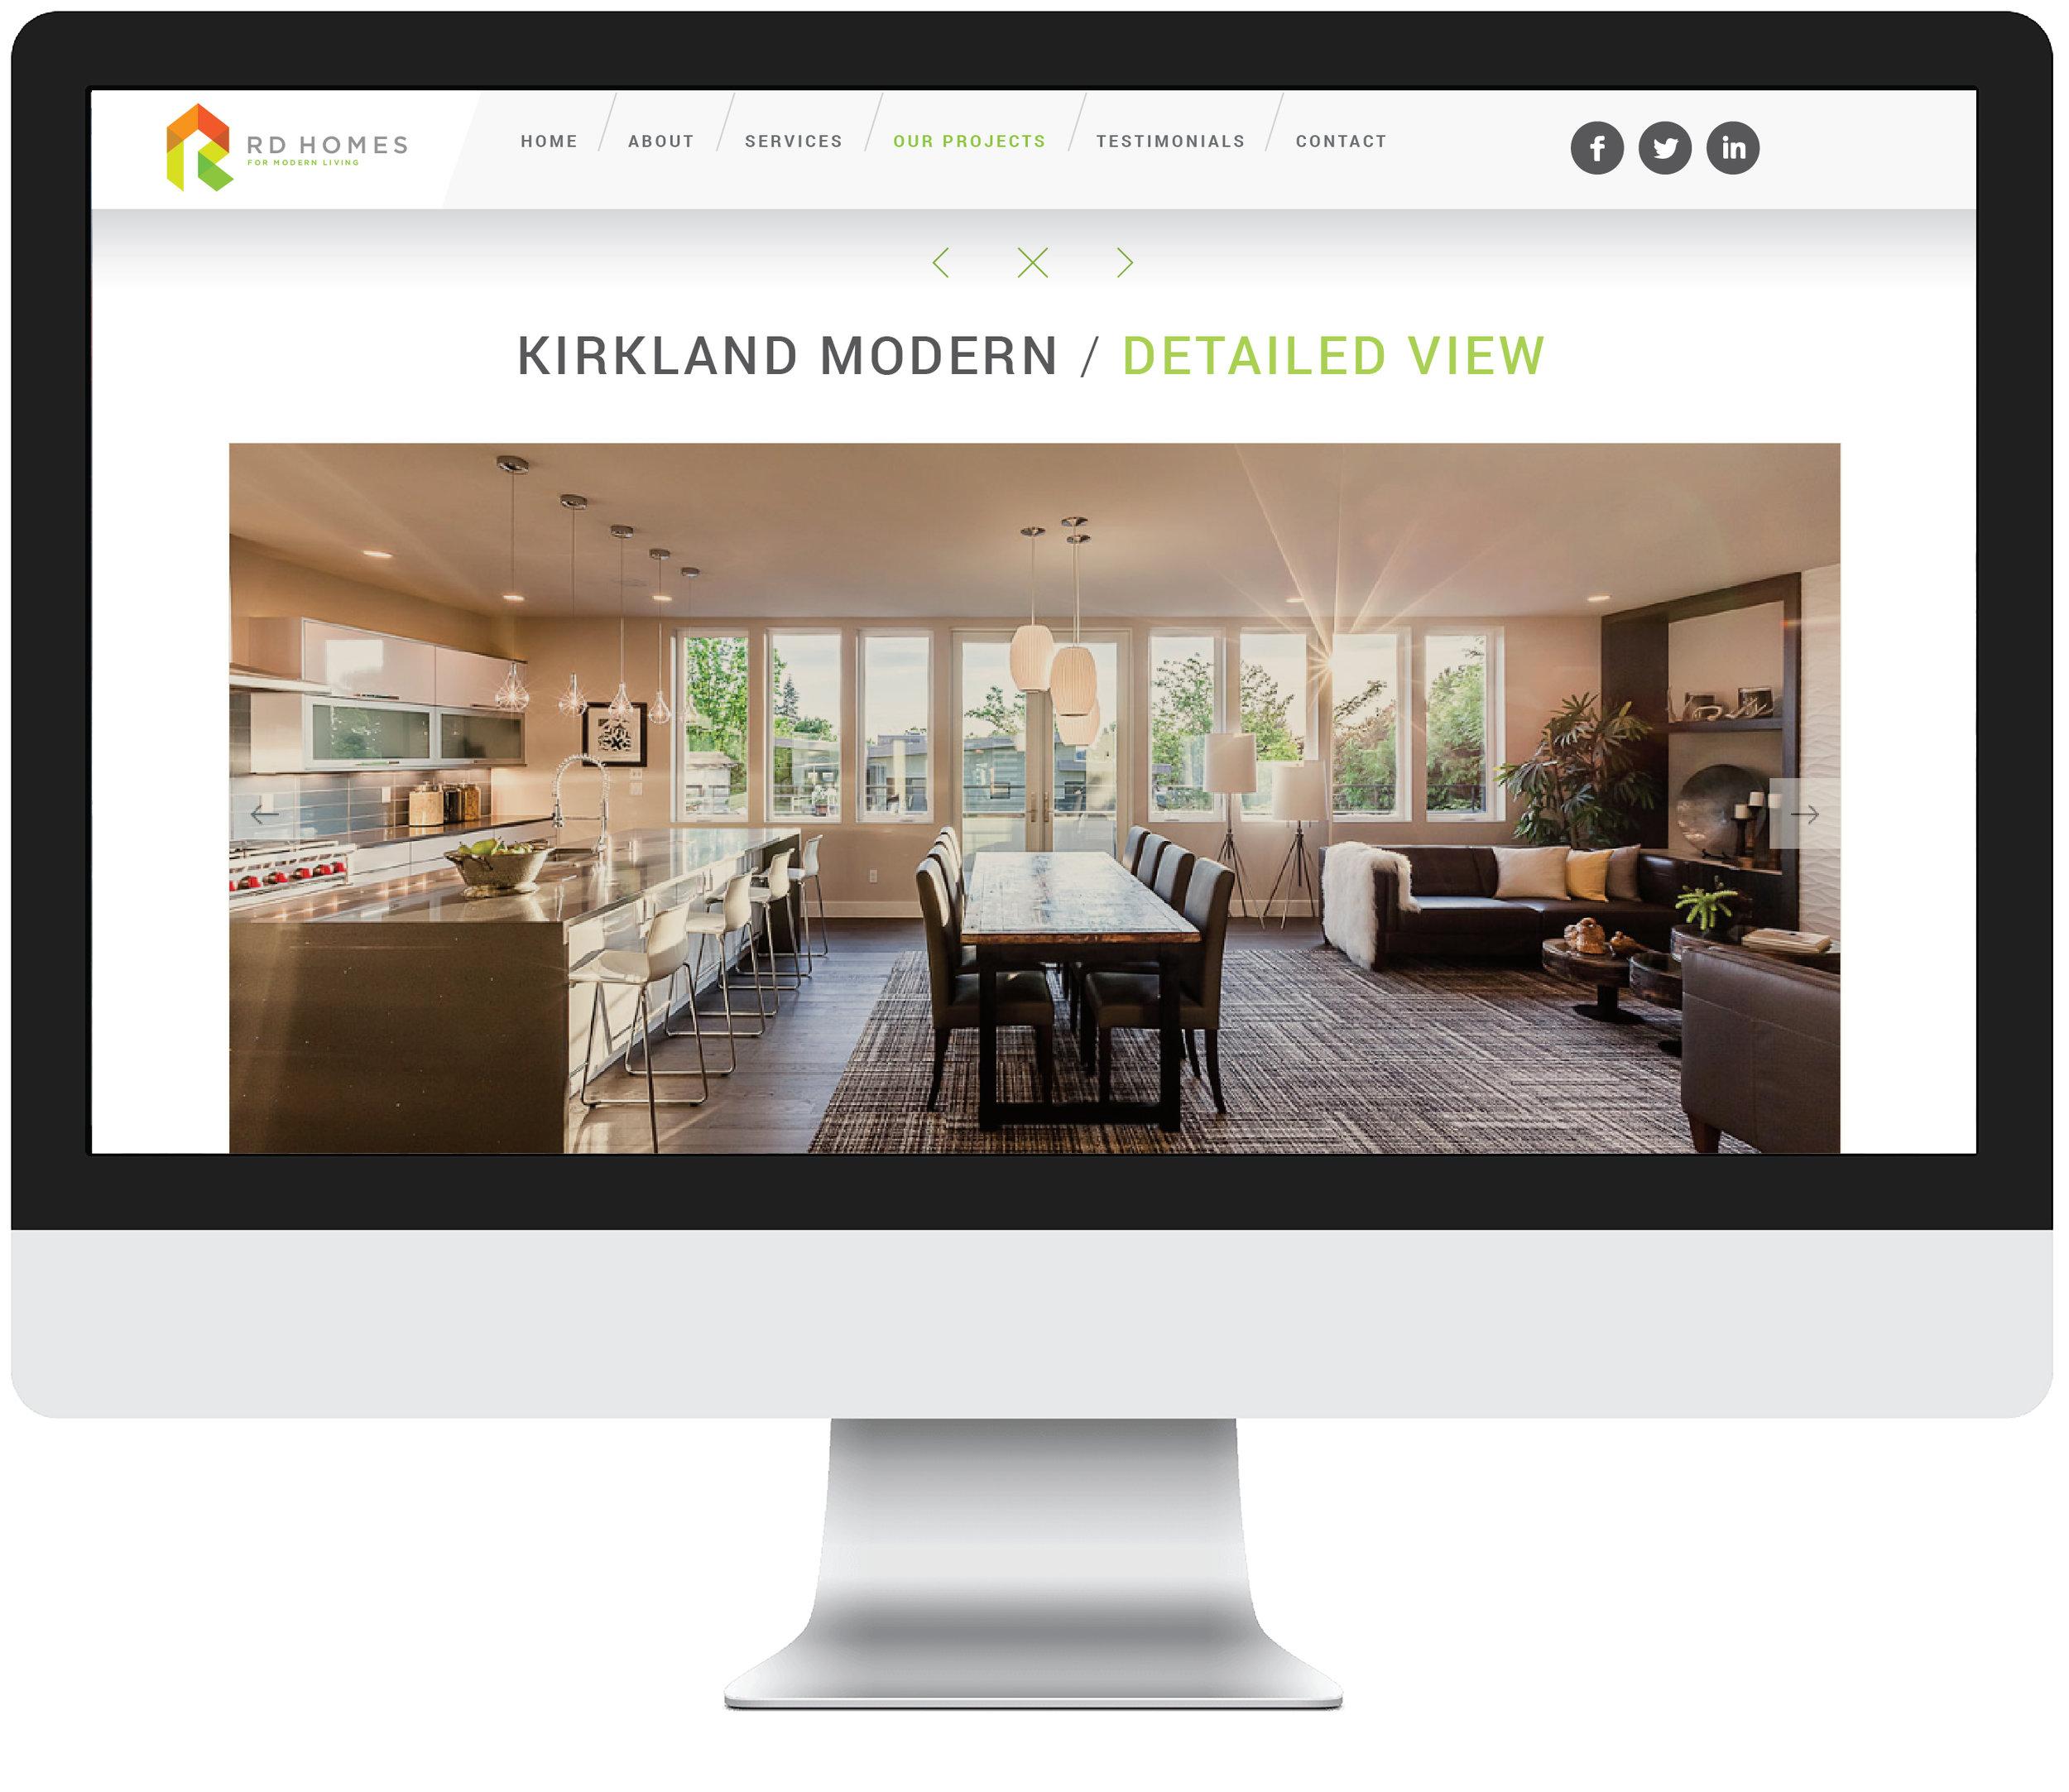 RD-Homes_Website-Design-Yuri-Shvets-5.jpg